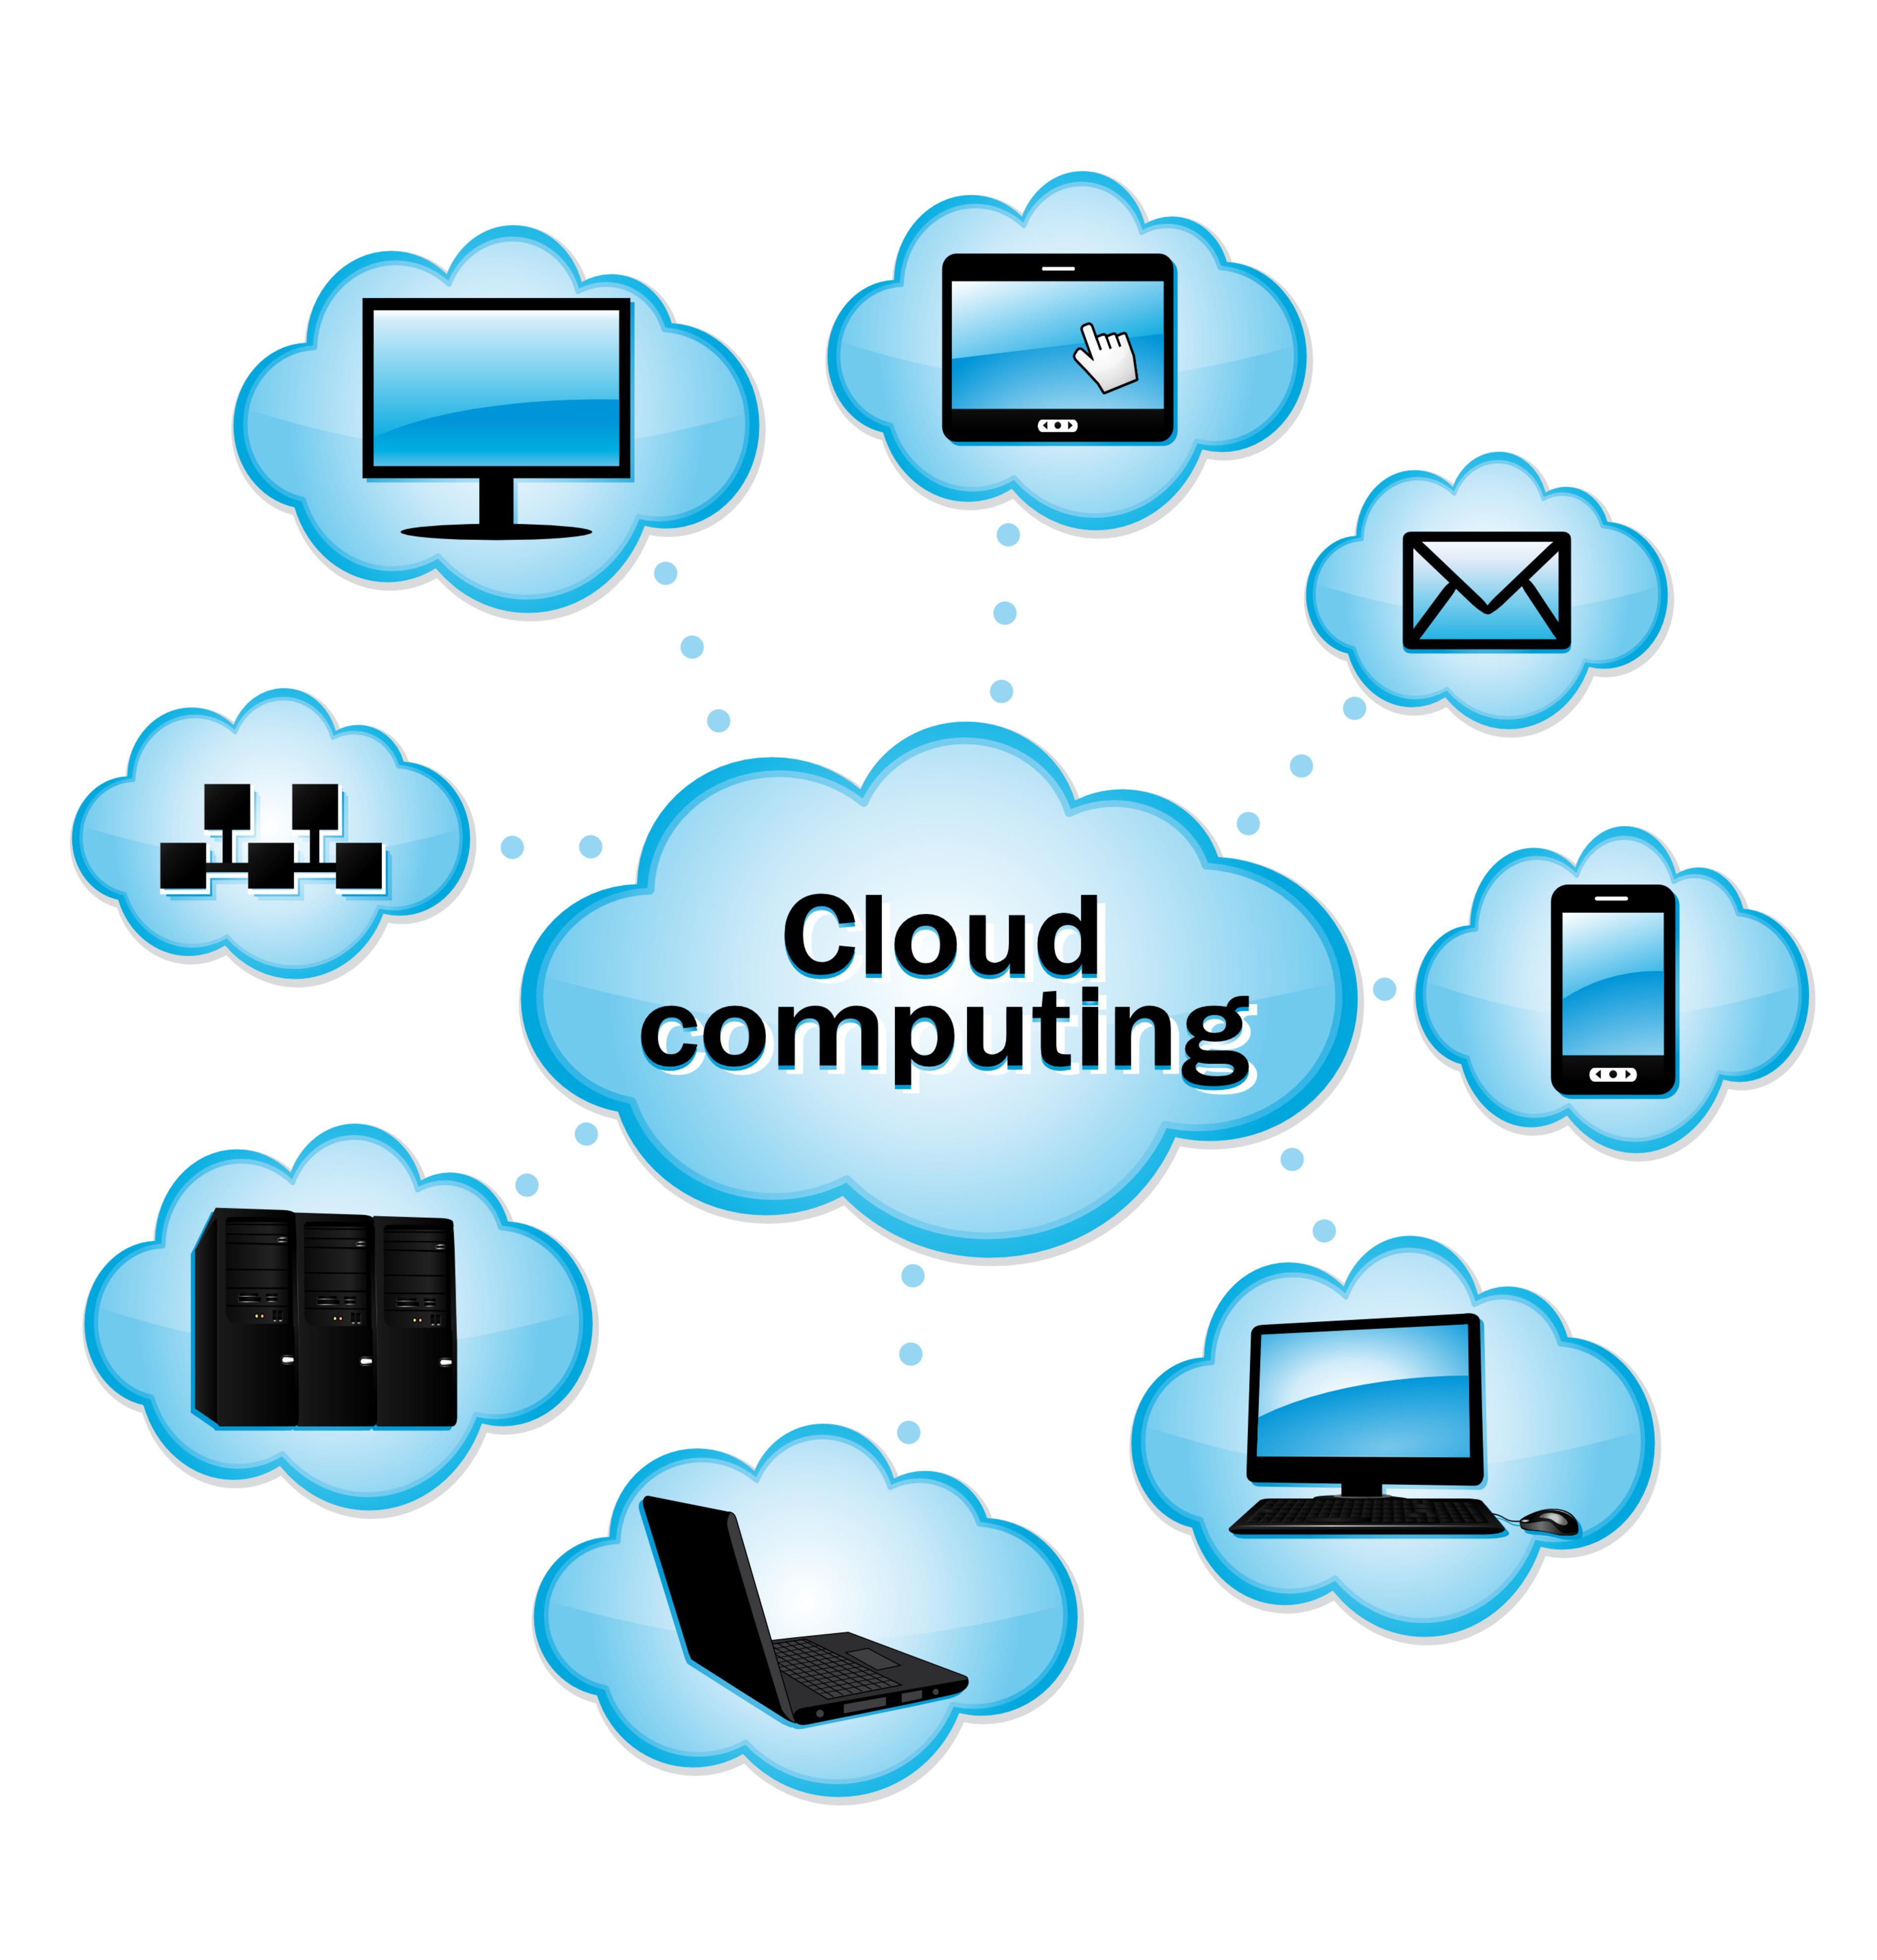 komputasi berbasis awan